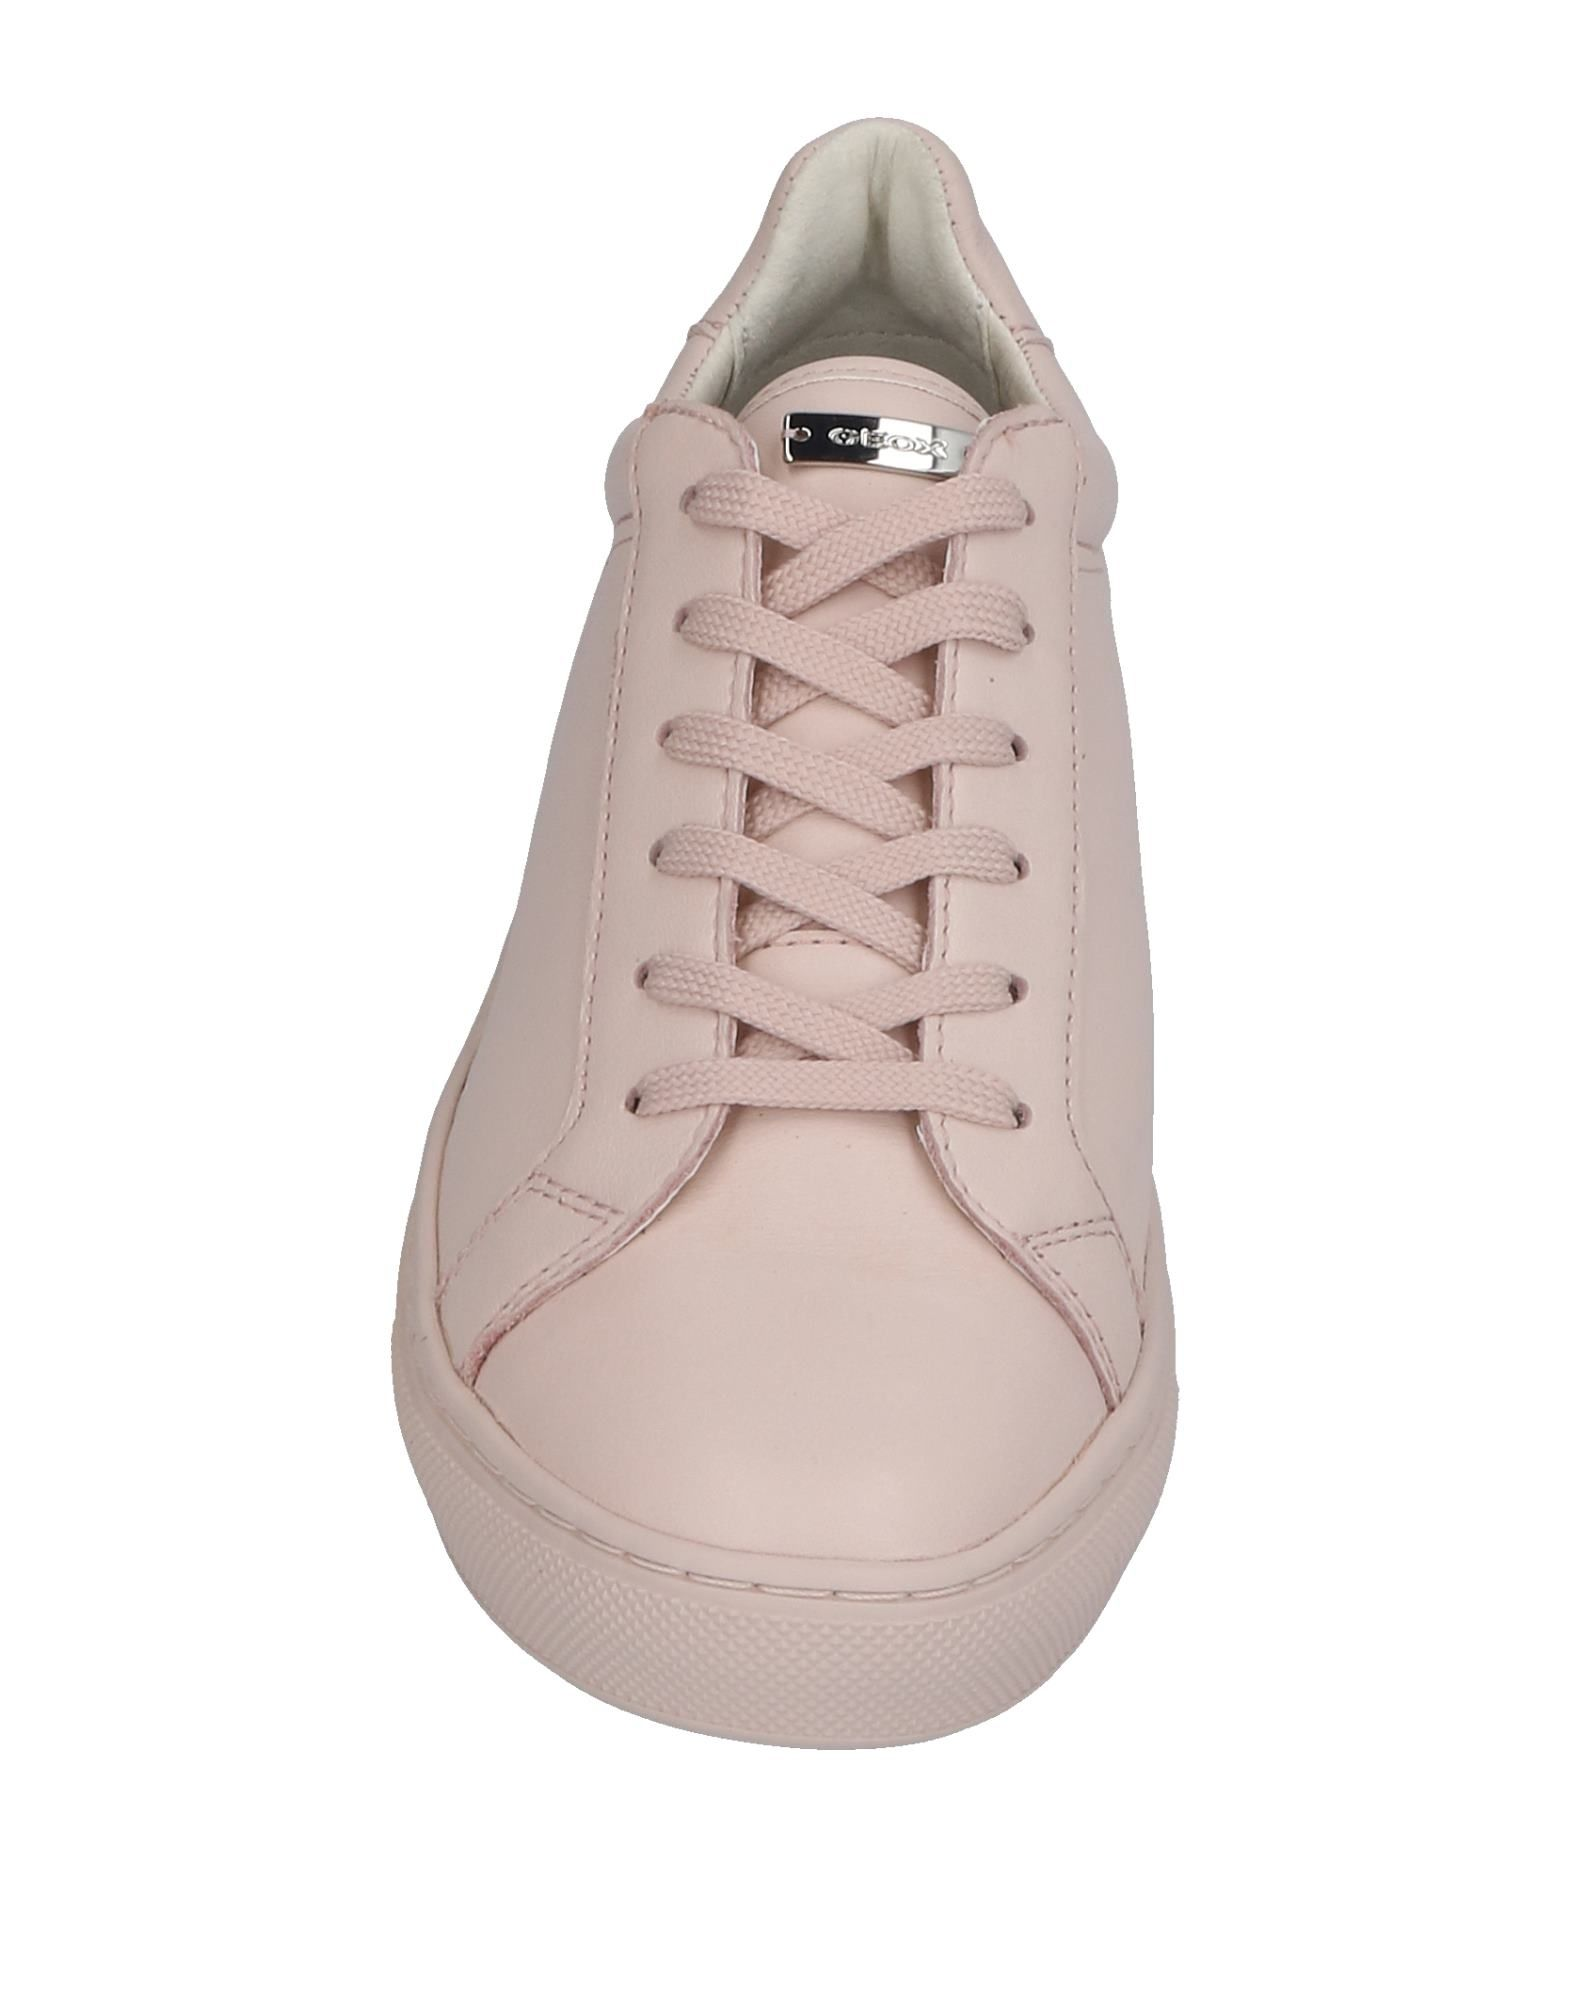 Geox Sneakers Damen  11414254DB Gute Qualität beliebte beliebte Qualität Schuhe e10885